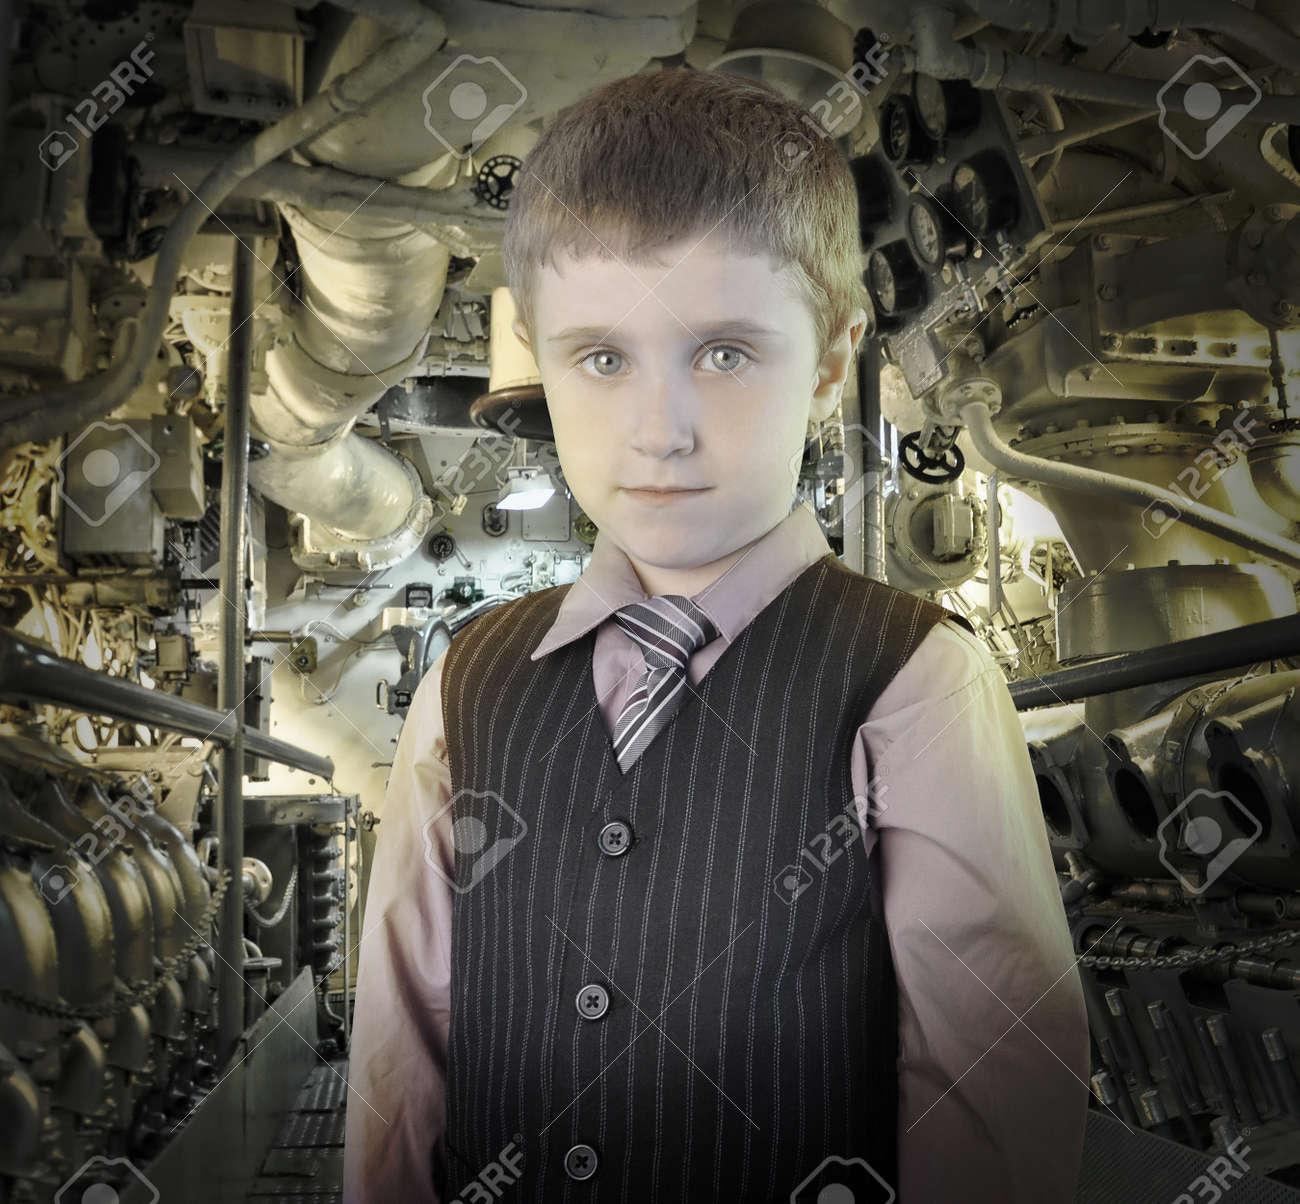 Фото мальчик со зрелой 1 фотография